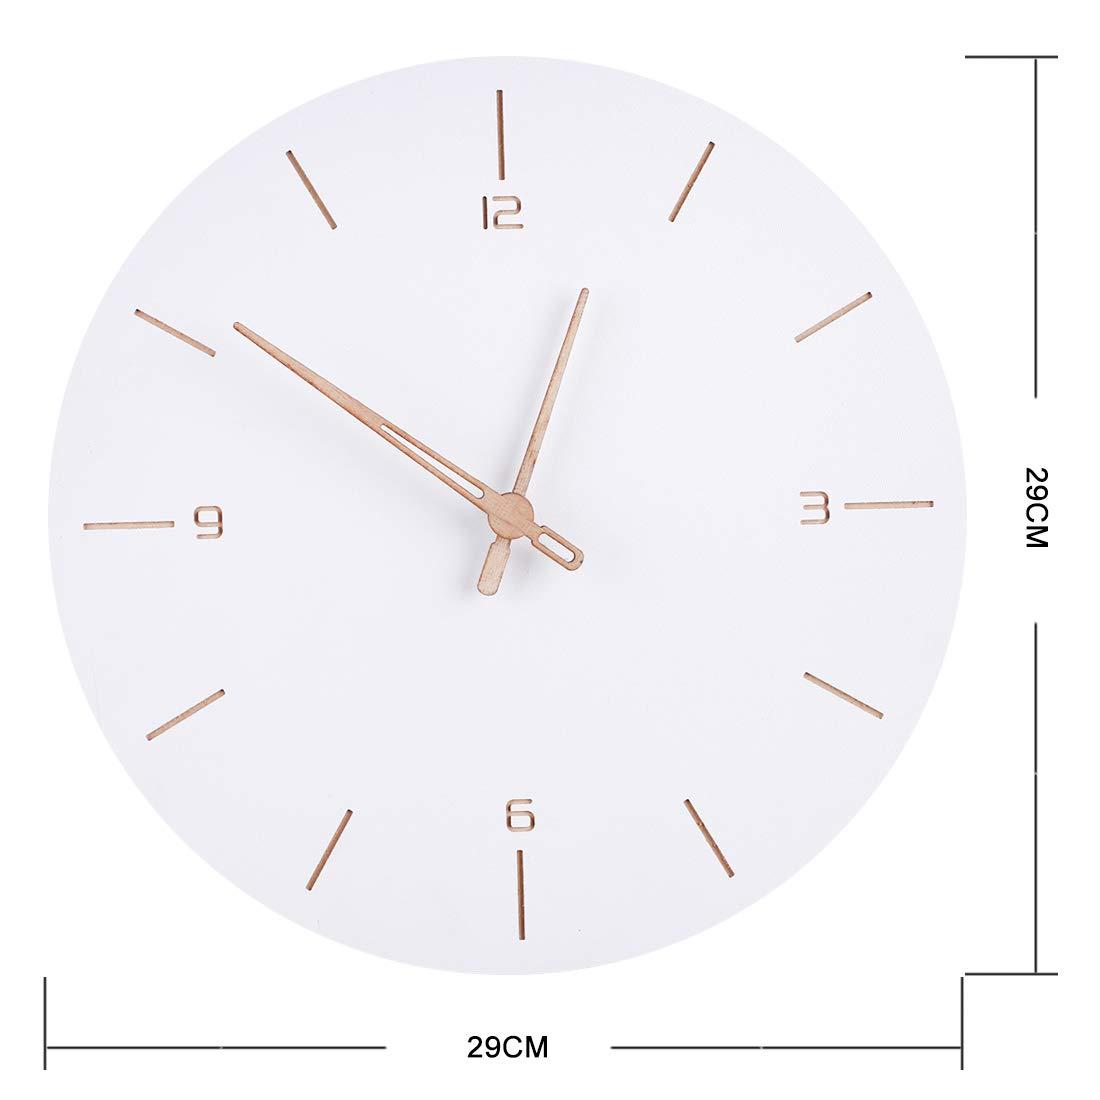 Poxl Blanche Horloge Murale en Bois 29cm Silencieuse Horloge Murale Chiffres Romain Pendule Murale pour Cuisine//Salon//Chambre//Bureau